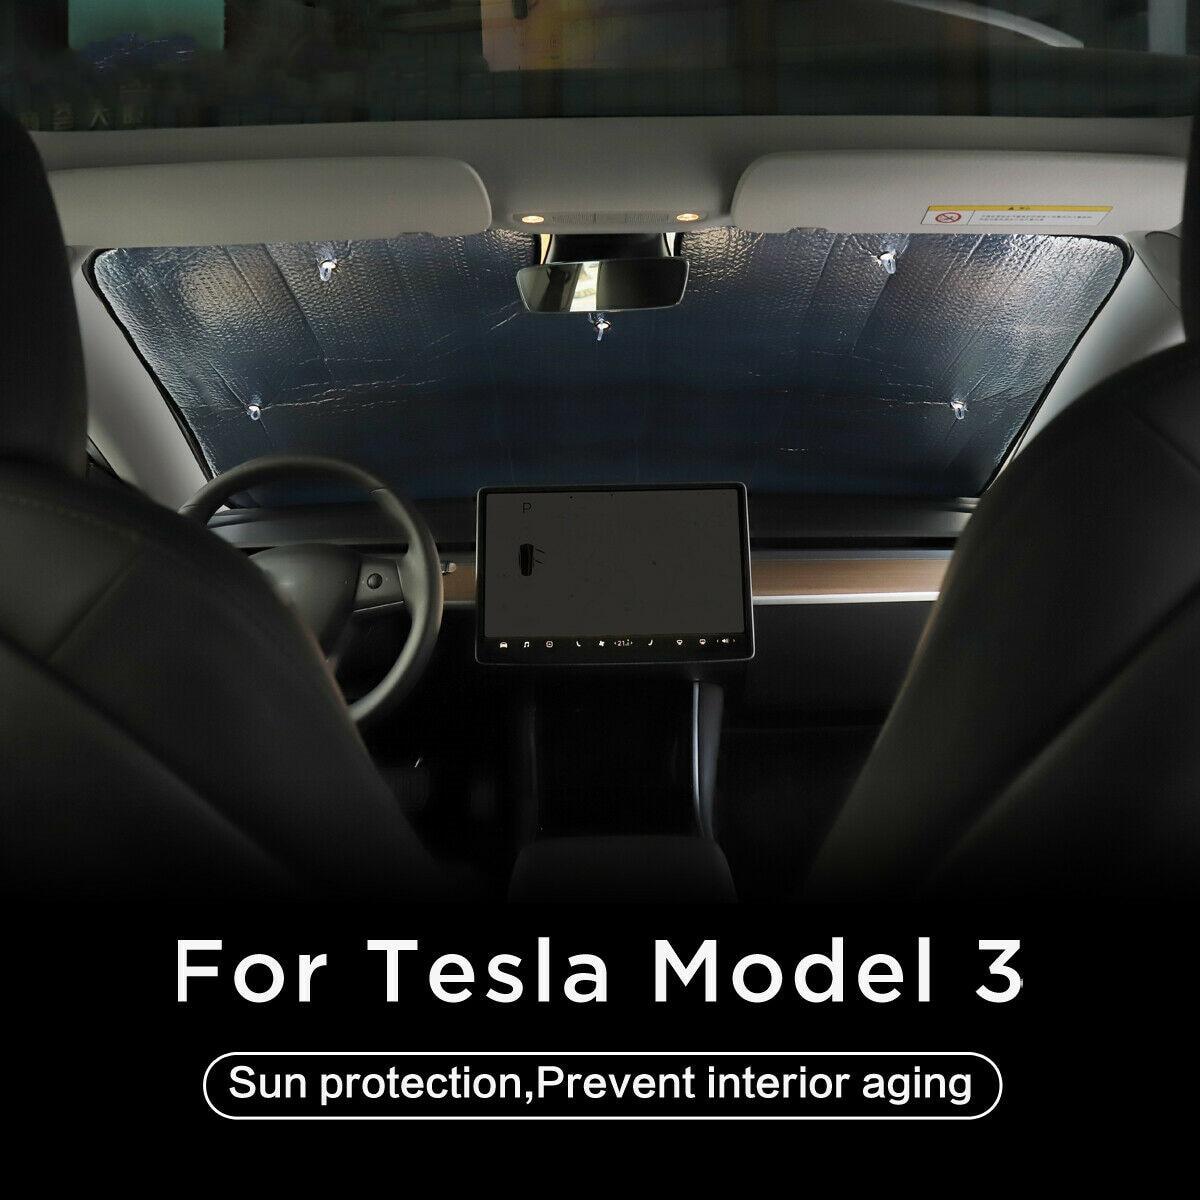 Nuevo de ventana, de parabrisas delantero sol sombra parasol para ventanillas de coche tragaluz ciego sombreado neto frente parabrisas para Tesla modelo 3